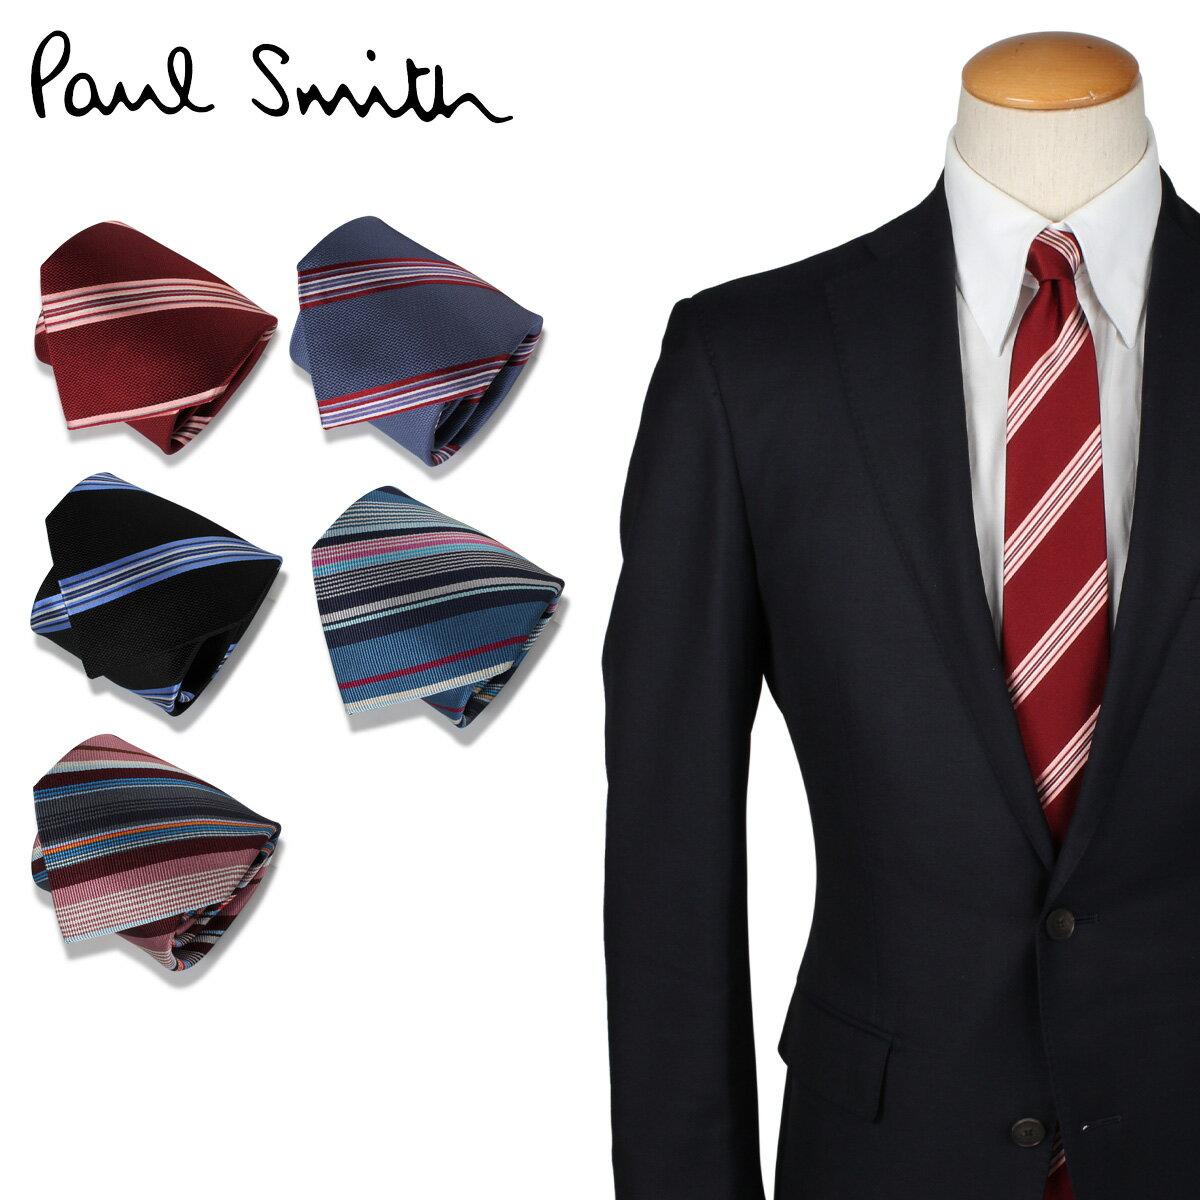 スーツ用ファッション小物, ネクタイ 2000OFF Paul Smith TIE